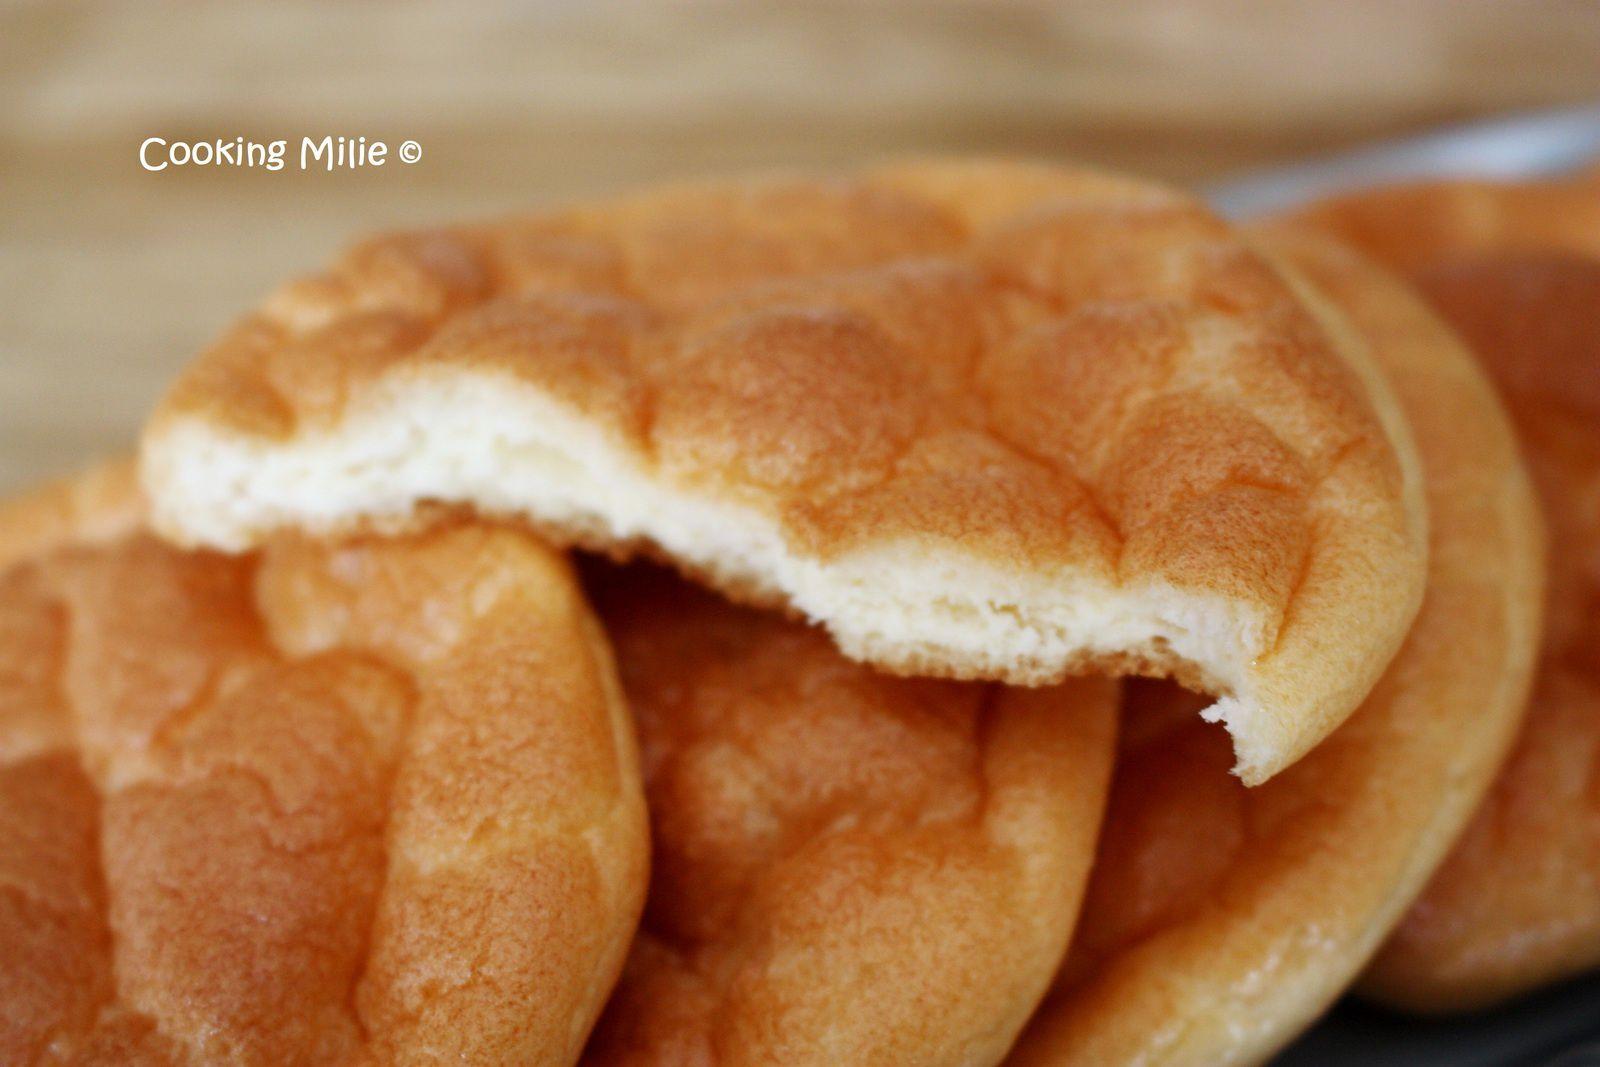 Pain nuage ou cloud bread